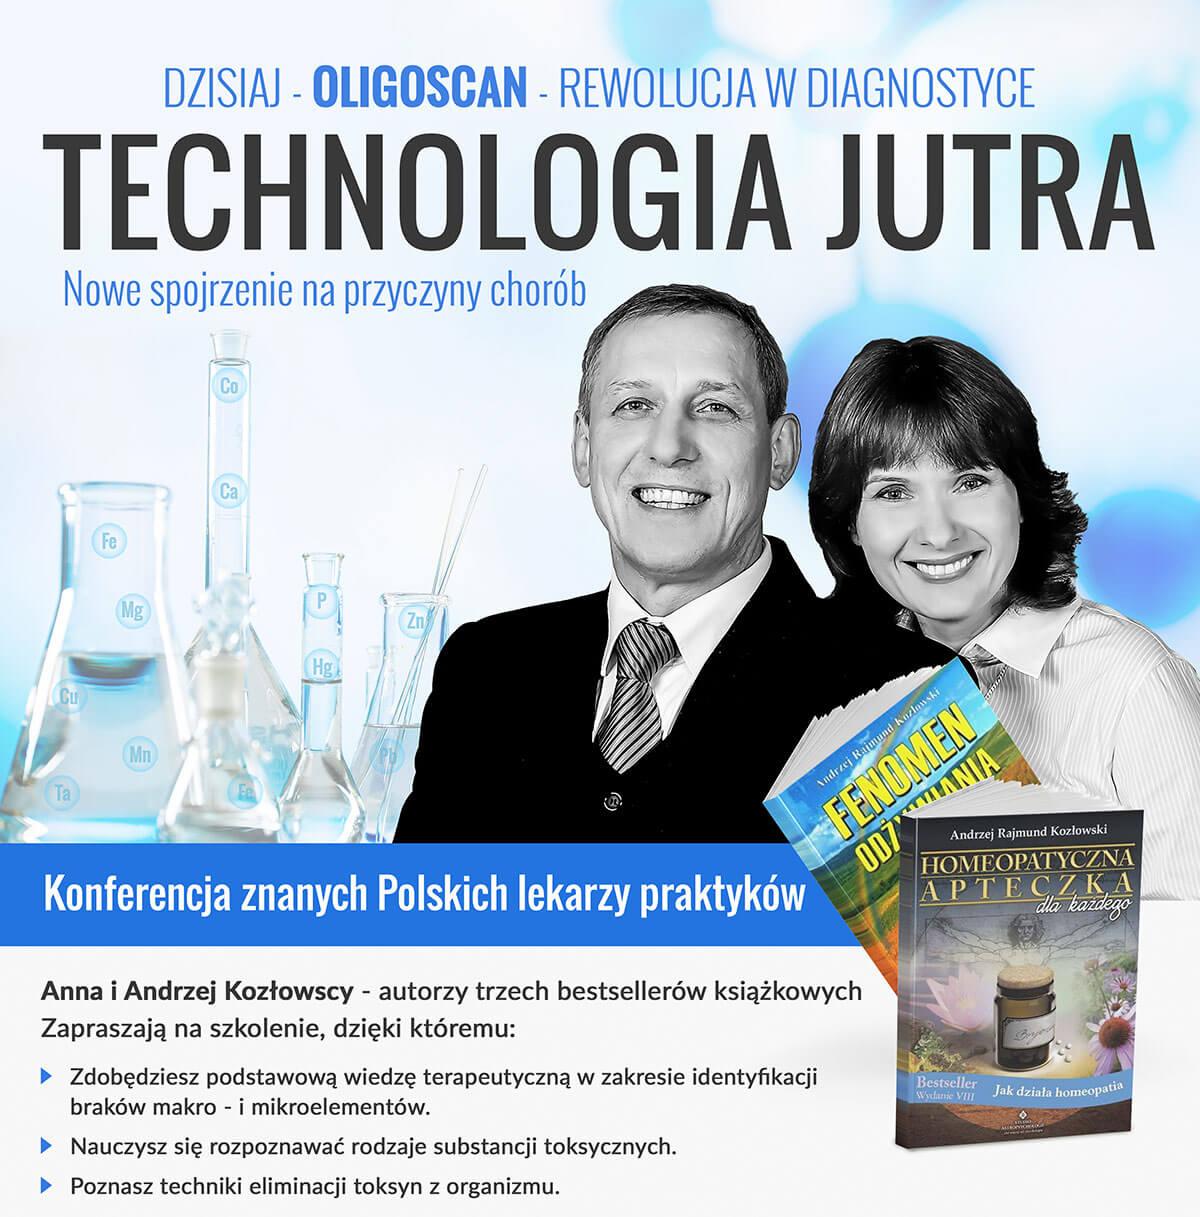 Andrzej-Karwowski-konferencja-1